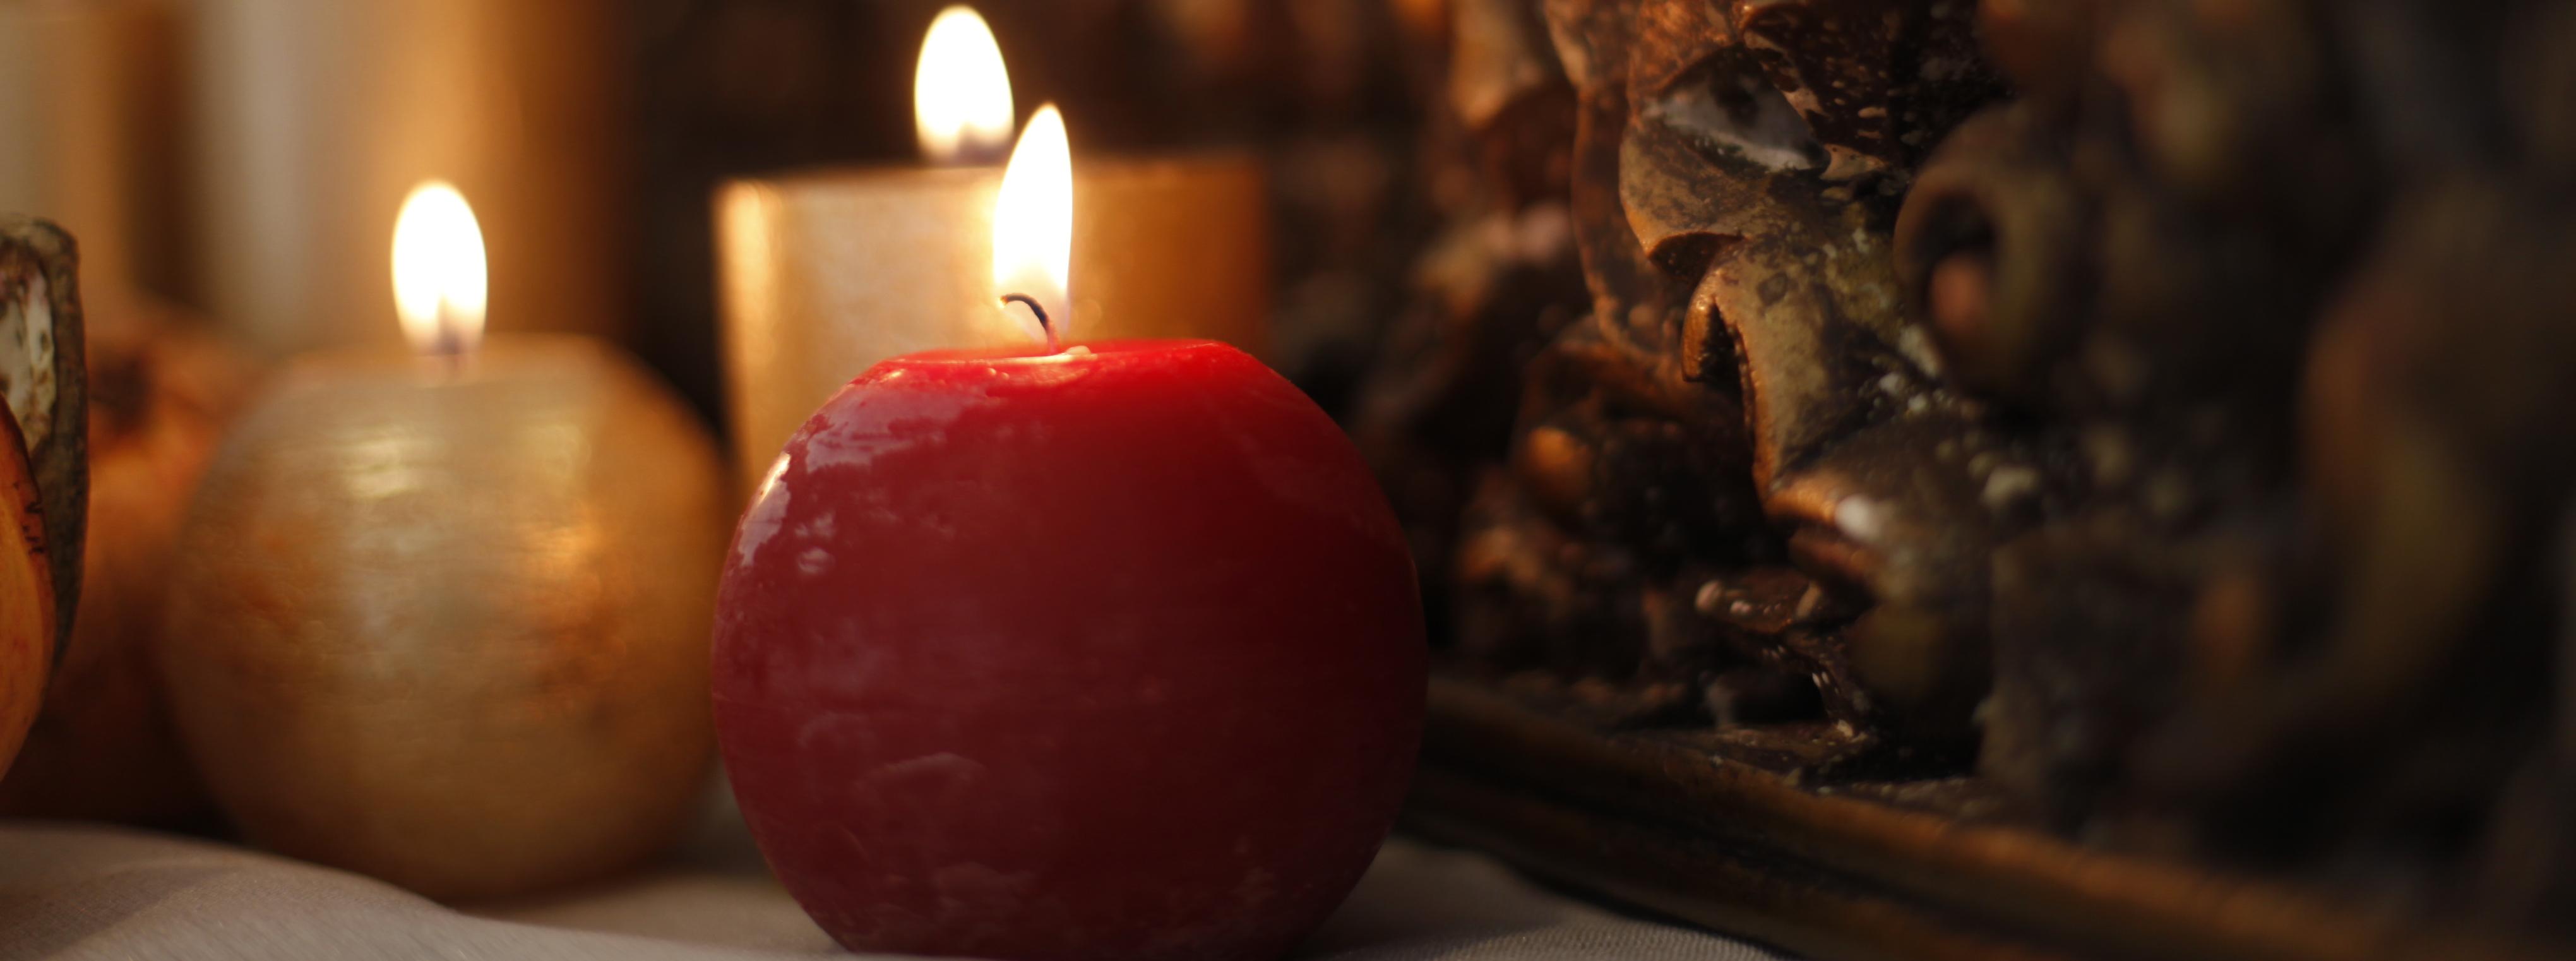 Velas para navidad decoraci n con velas decorar con velas - Adornos navidenos con velas ...